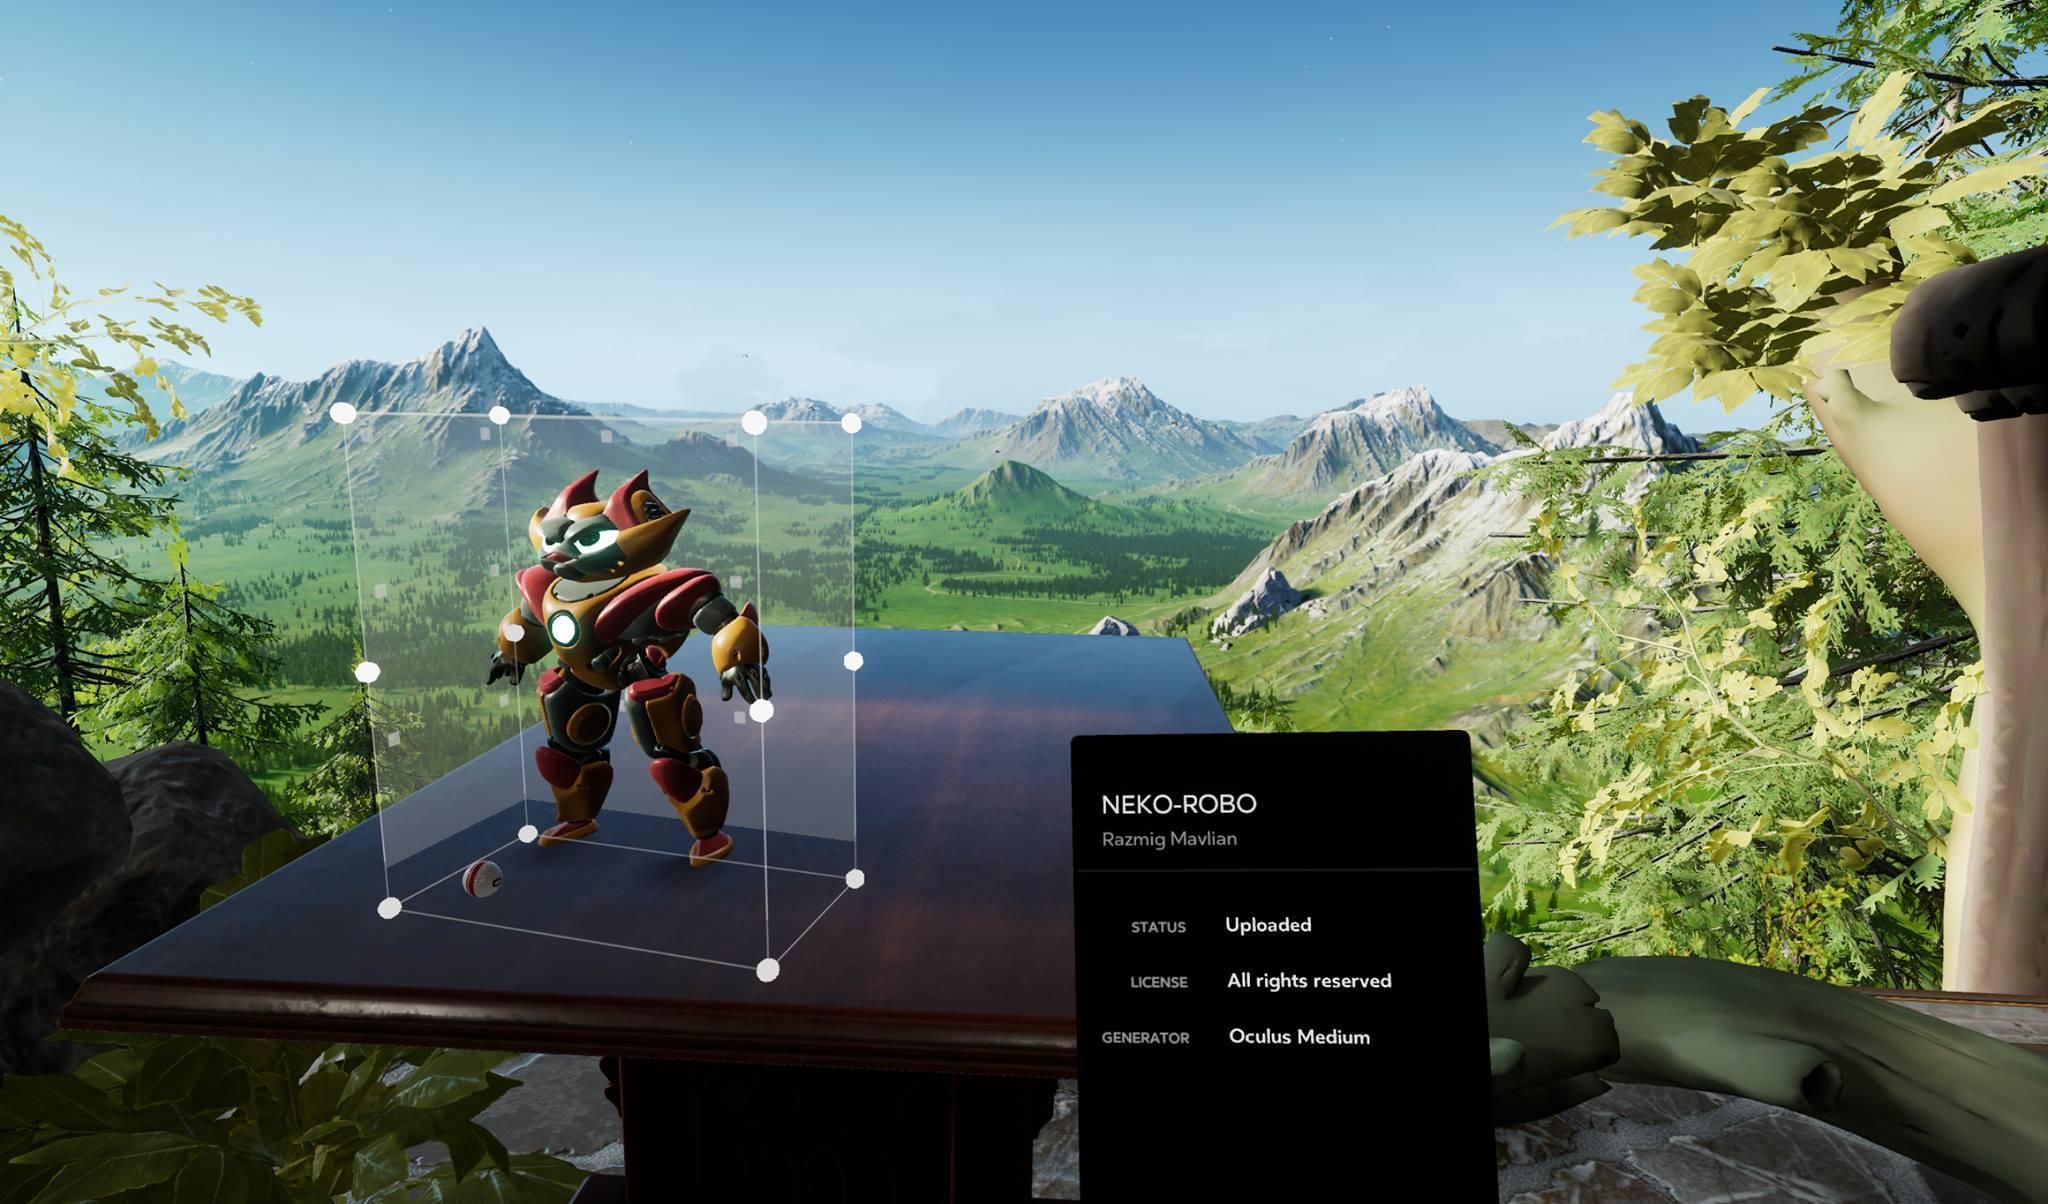 Oculus-Medium2.0-Update-Oculus-Rift